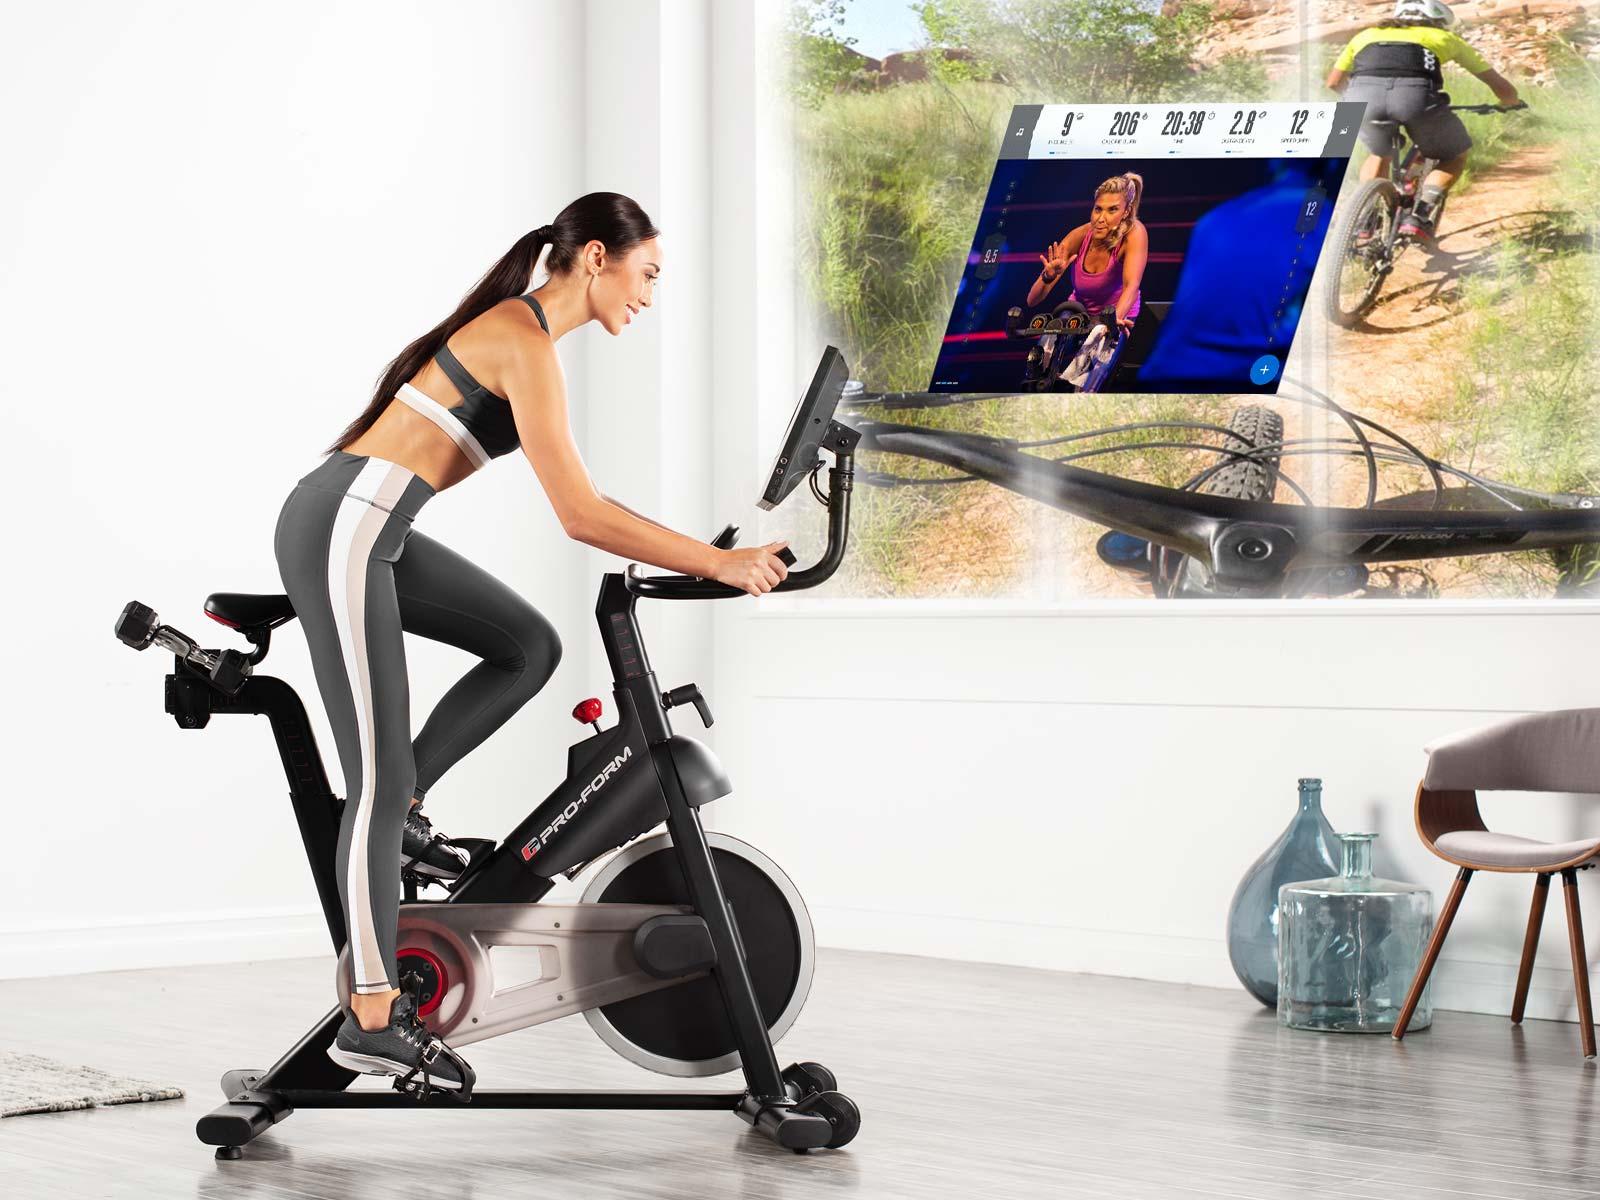 3c668f62cb9 Fitness Reviews on Treadmills. Bikes